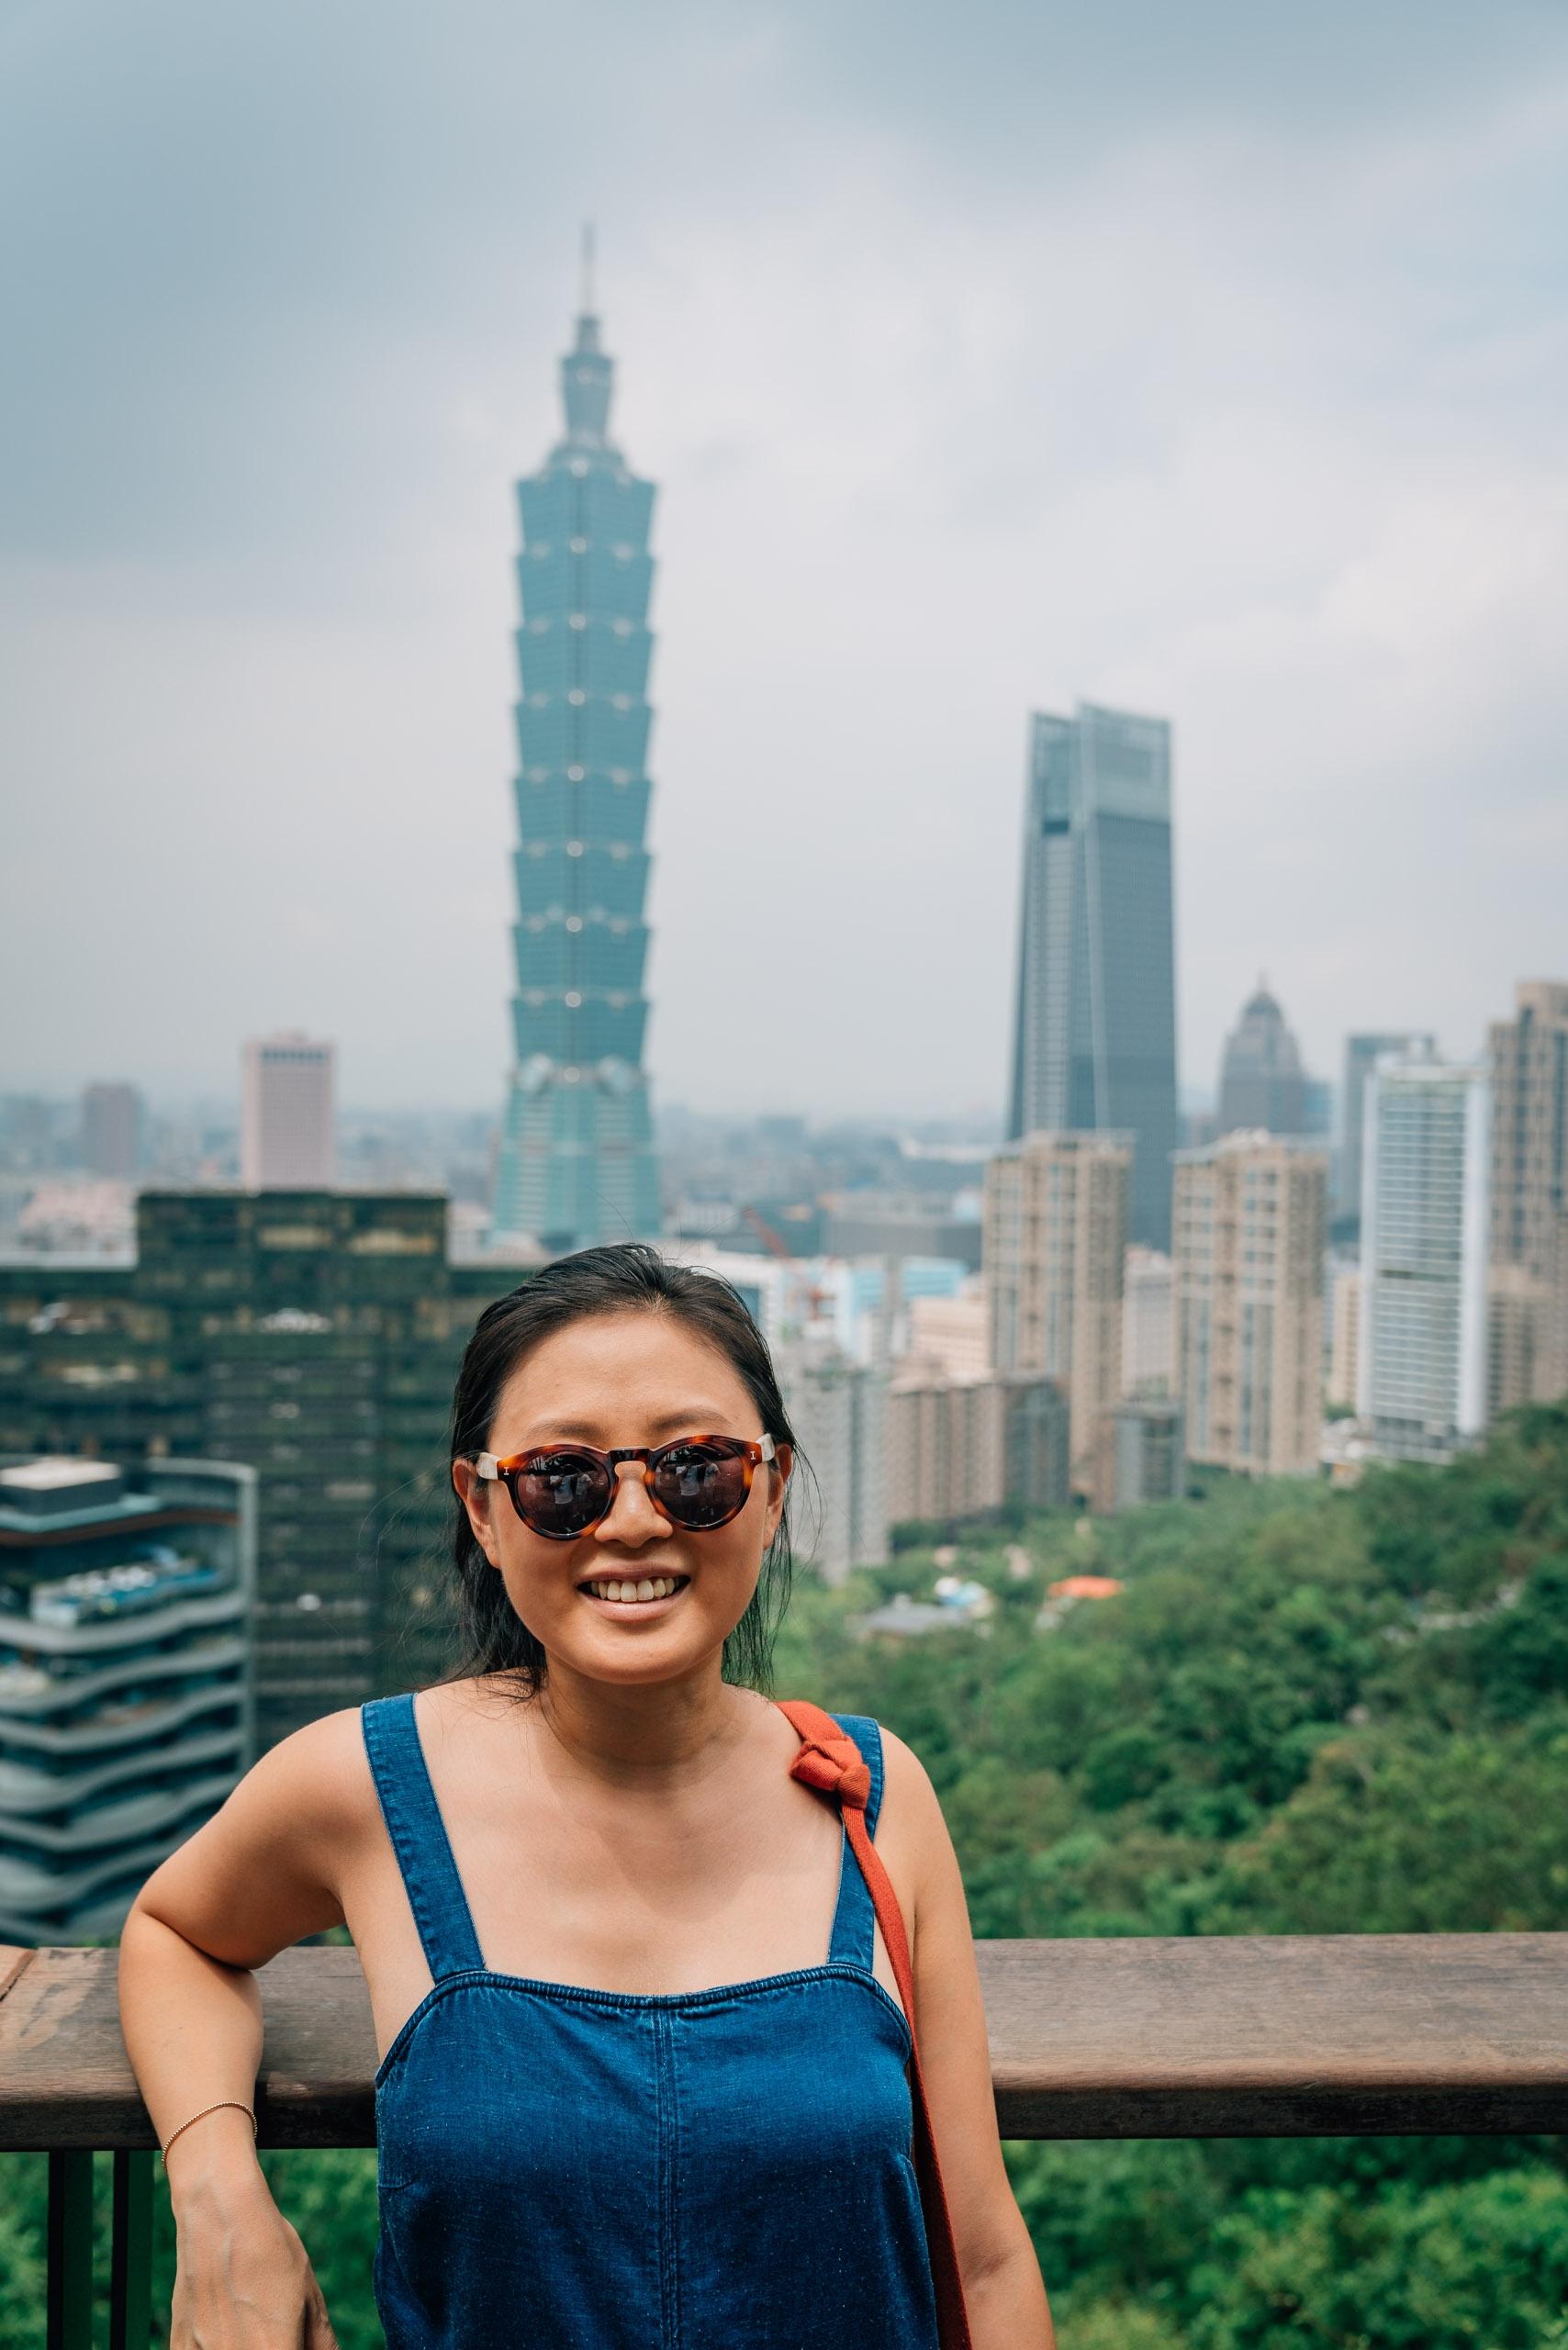 Jessica Overlooking Taipei 101